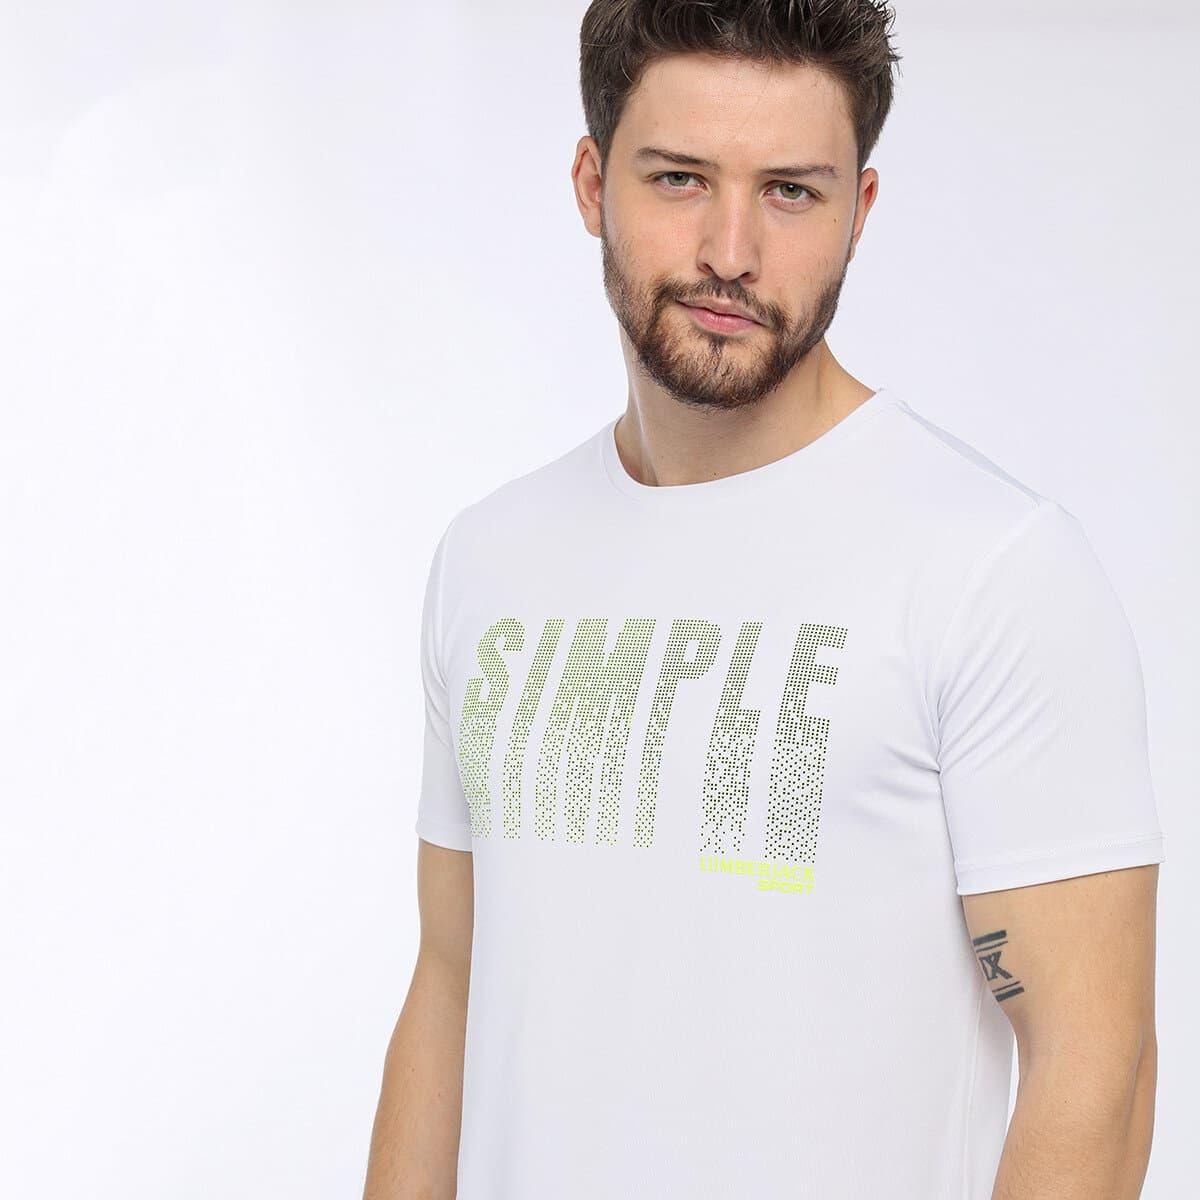 Chesleigh Kk Beyaz Erkek Tişört